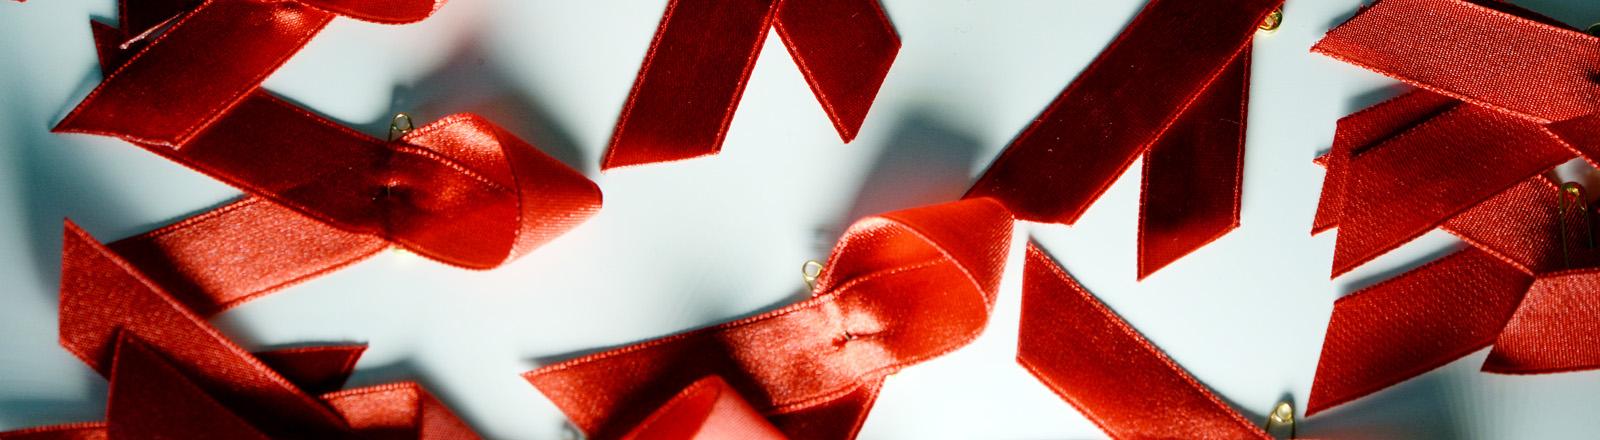 viele rote Aids-Schleifen